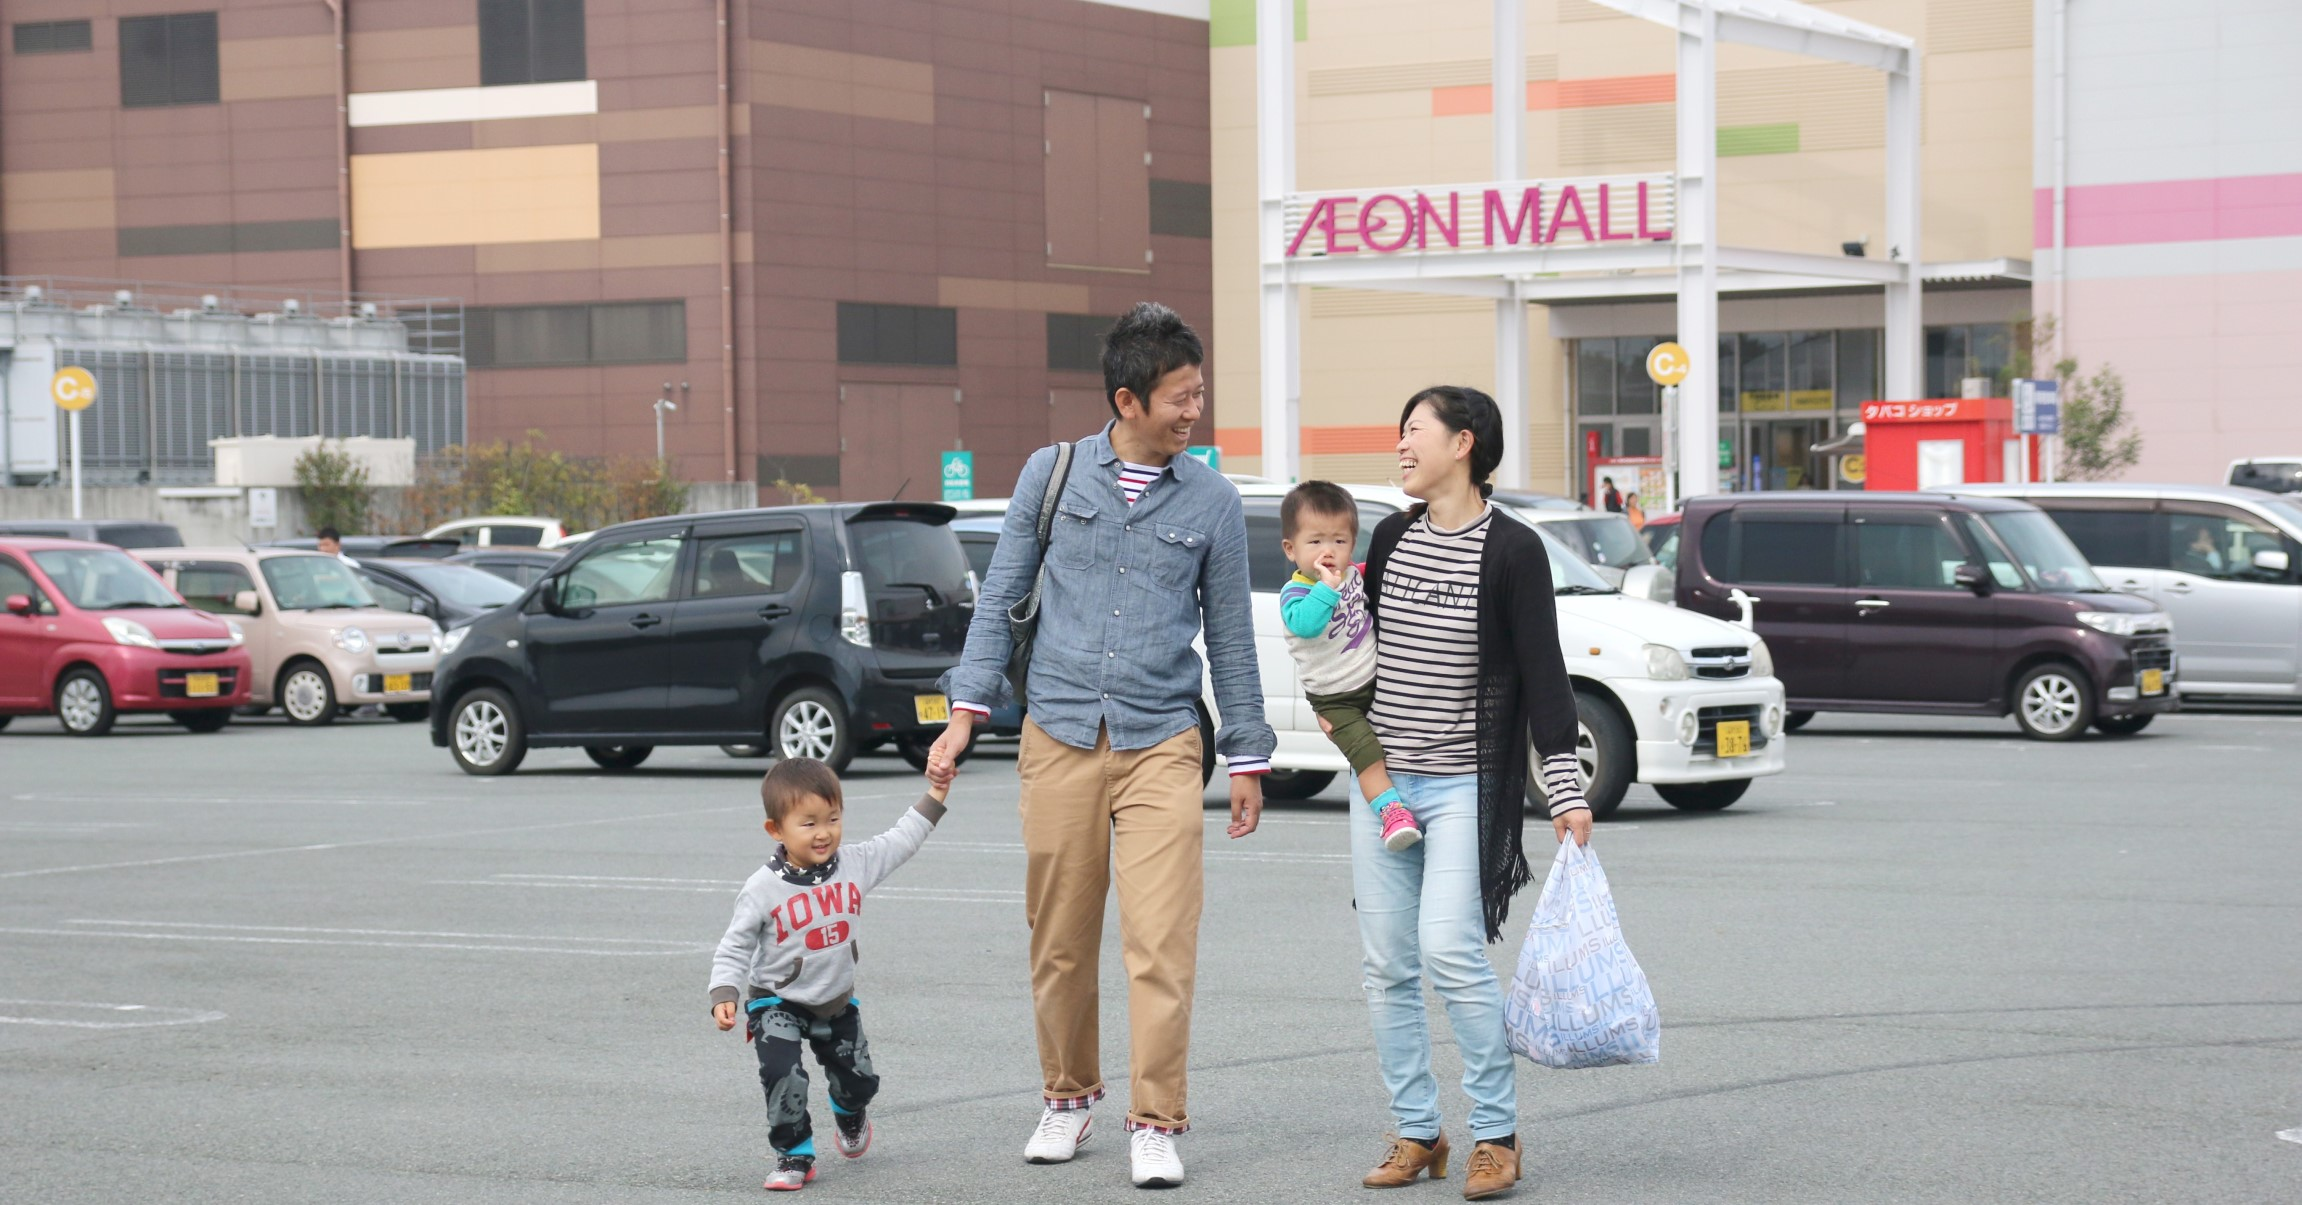 大型ショッピングモールでは、お子さん連れの買い物も快適に楽しめます